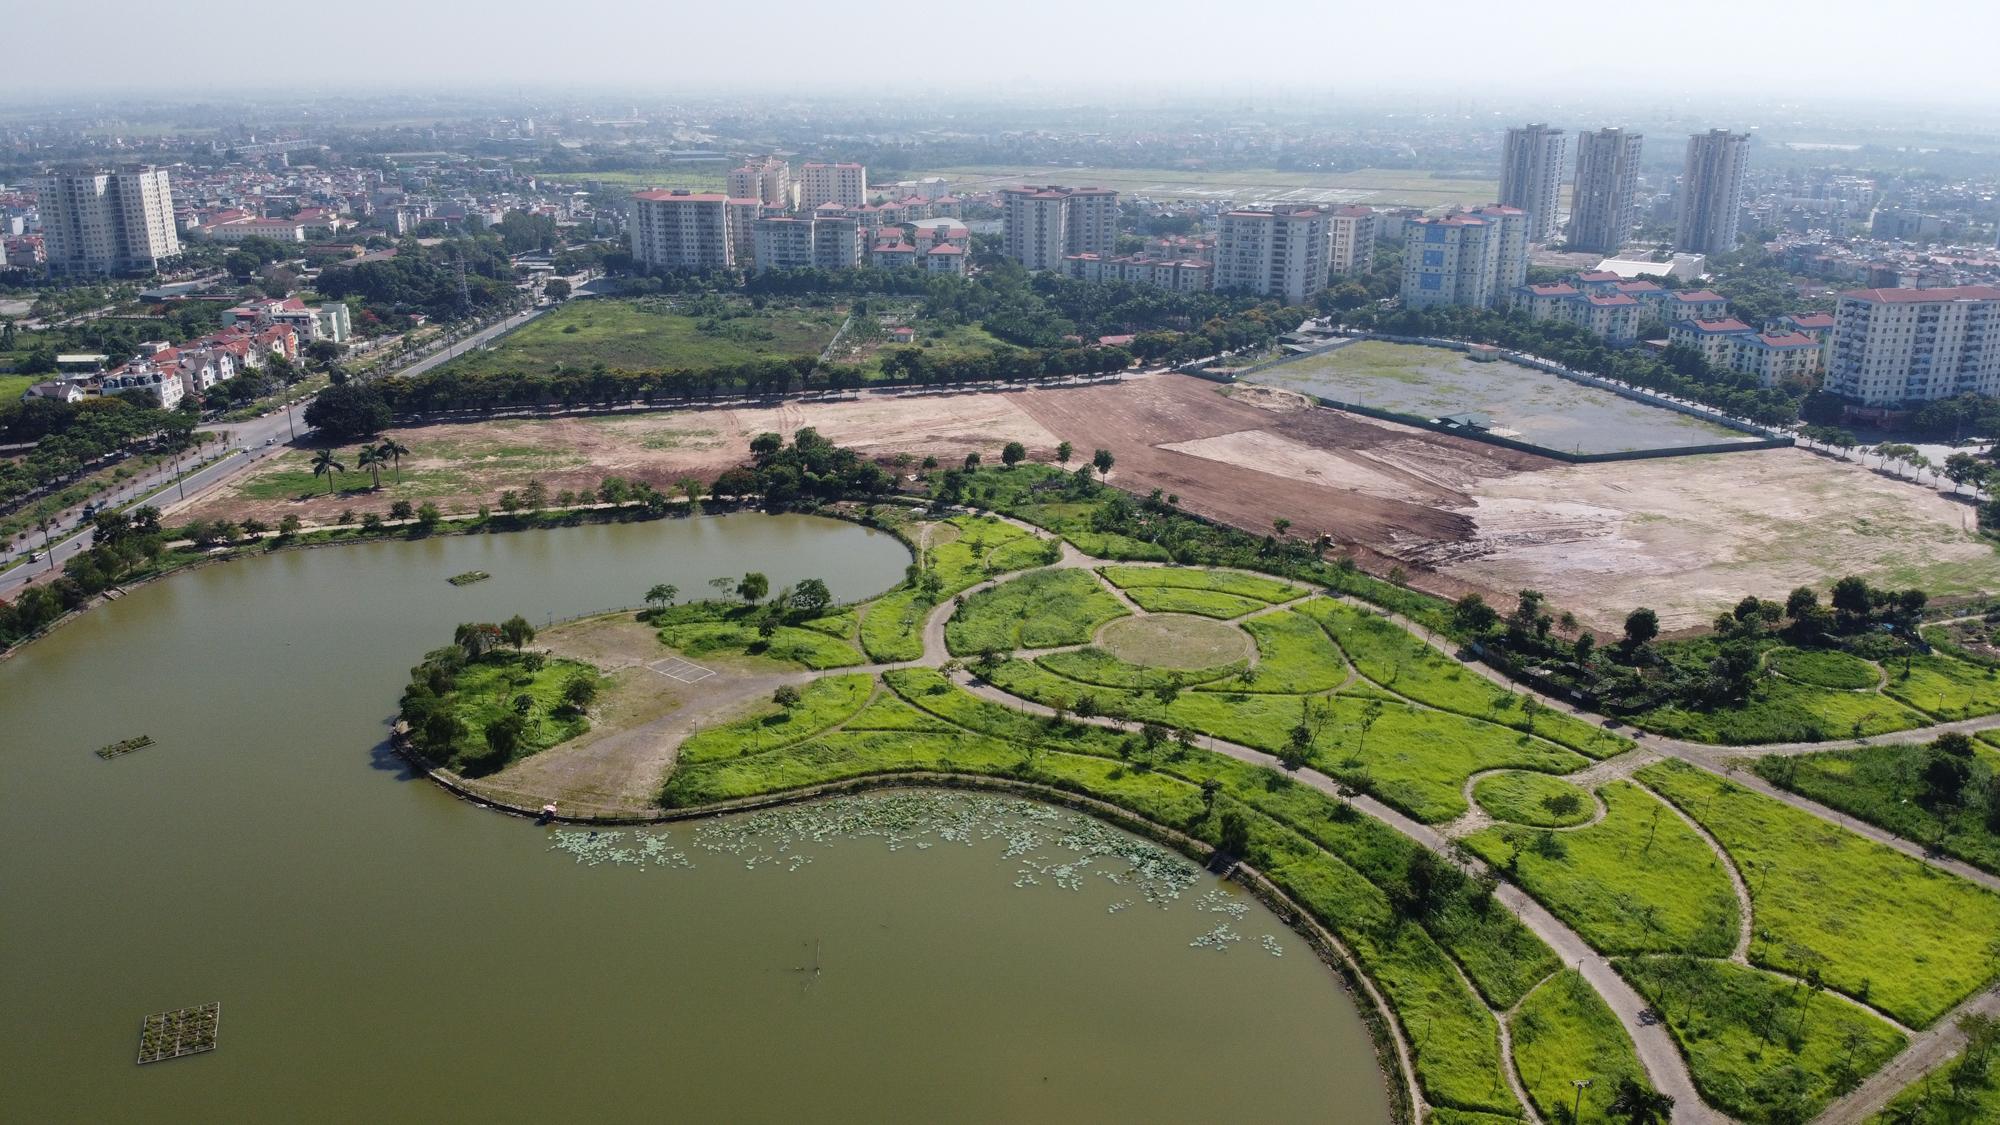 Chờ dự án cải tạo, công viên CV-02 Khu đô thị mới Việt Hưng như cánh đồng hoang - Ảnh 2.